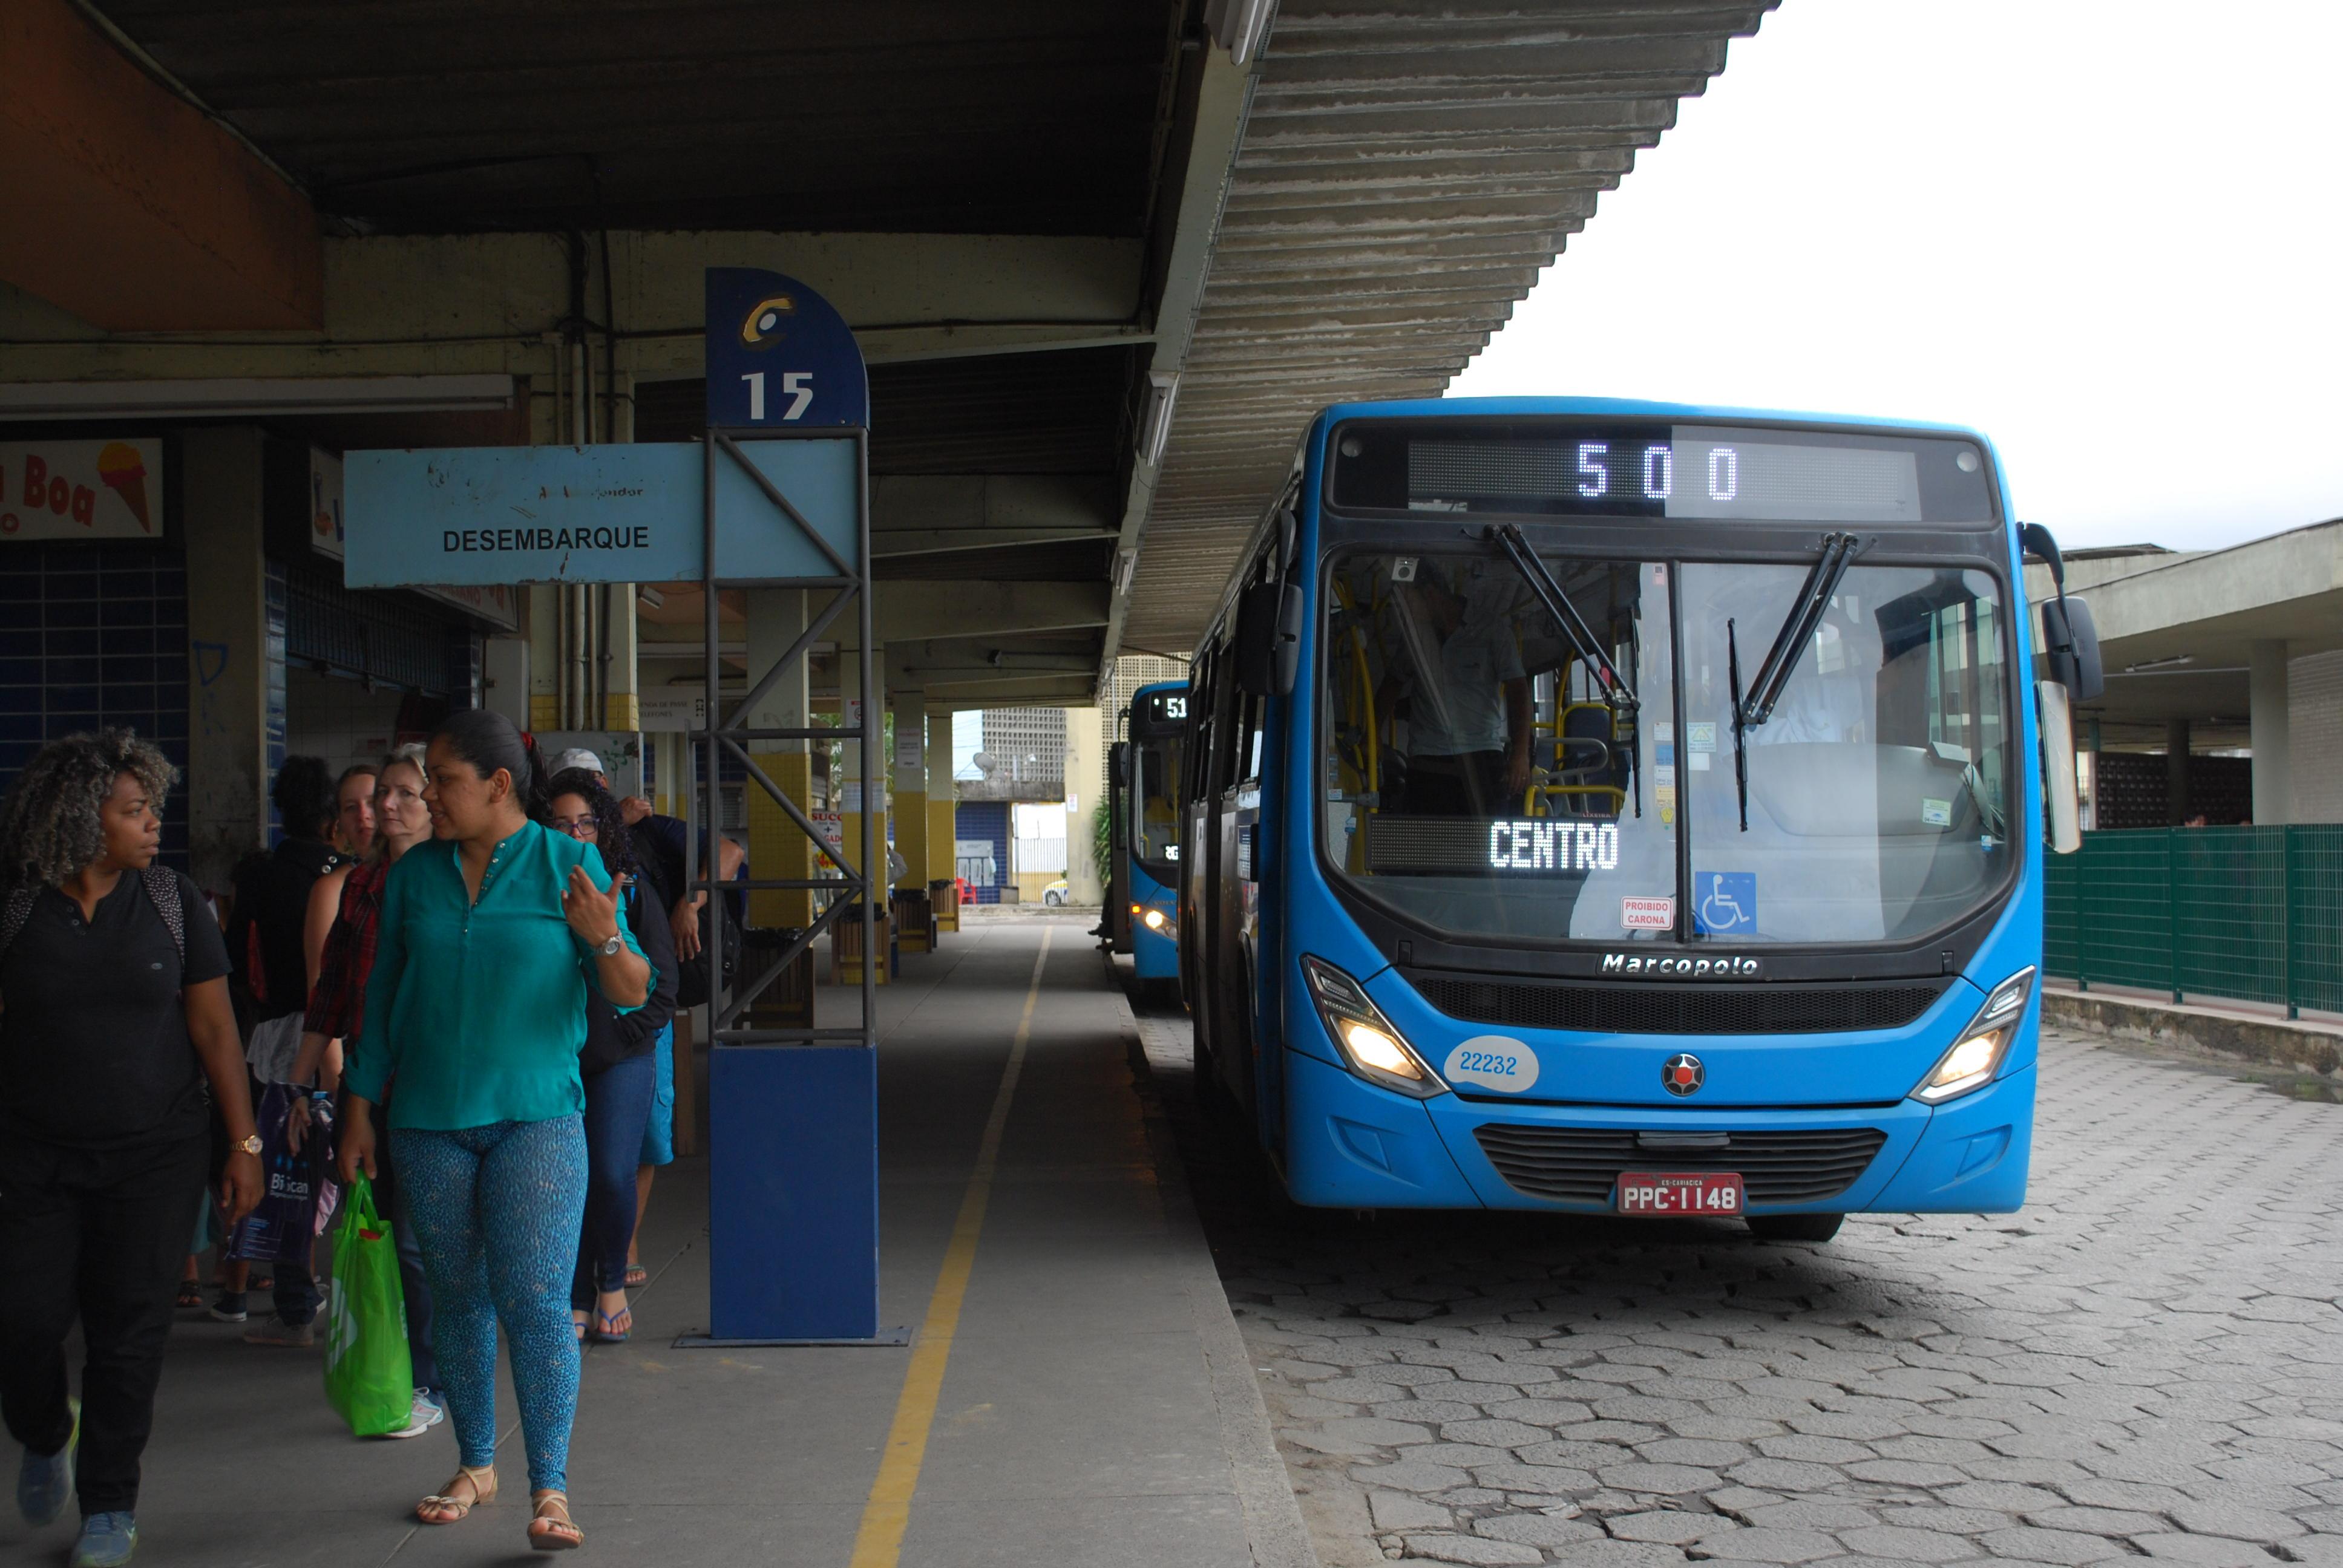 Os ônibus são um direito básico assegurado pelas legislação brasileira e proporcionam benefícios macroeconômicos e socioambientais para a vida em sociedade